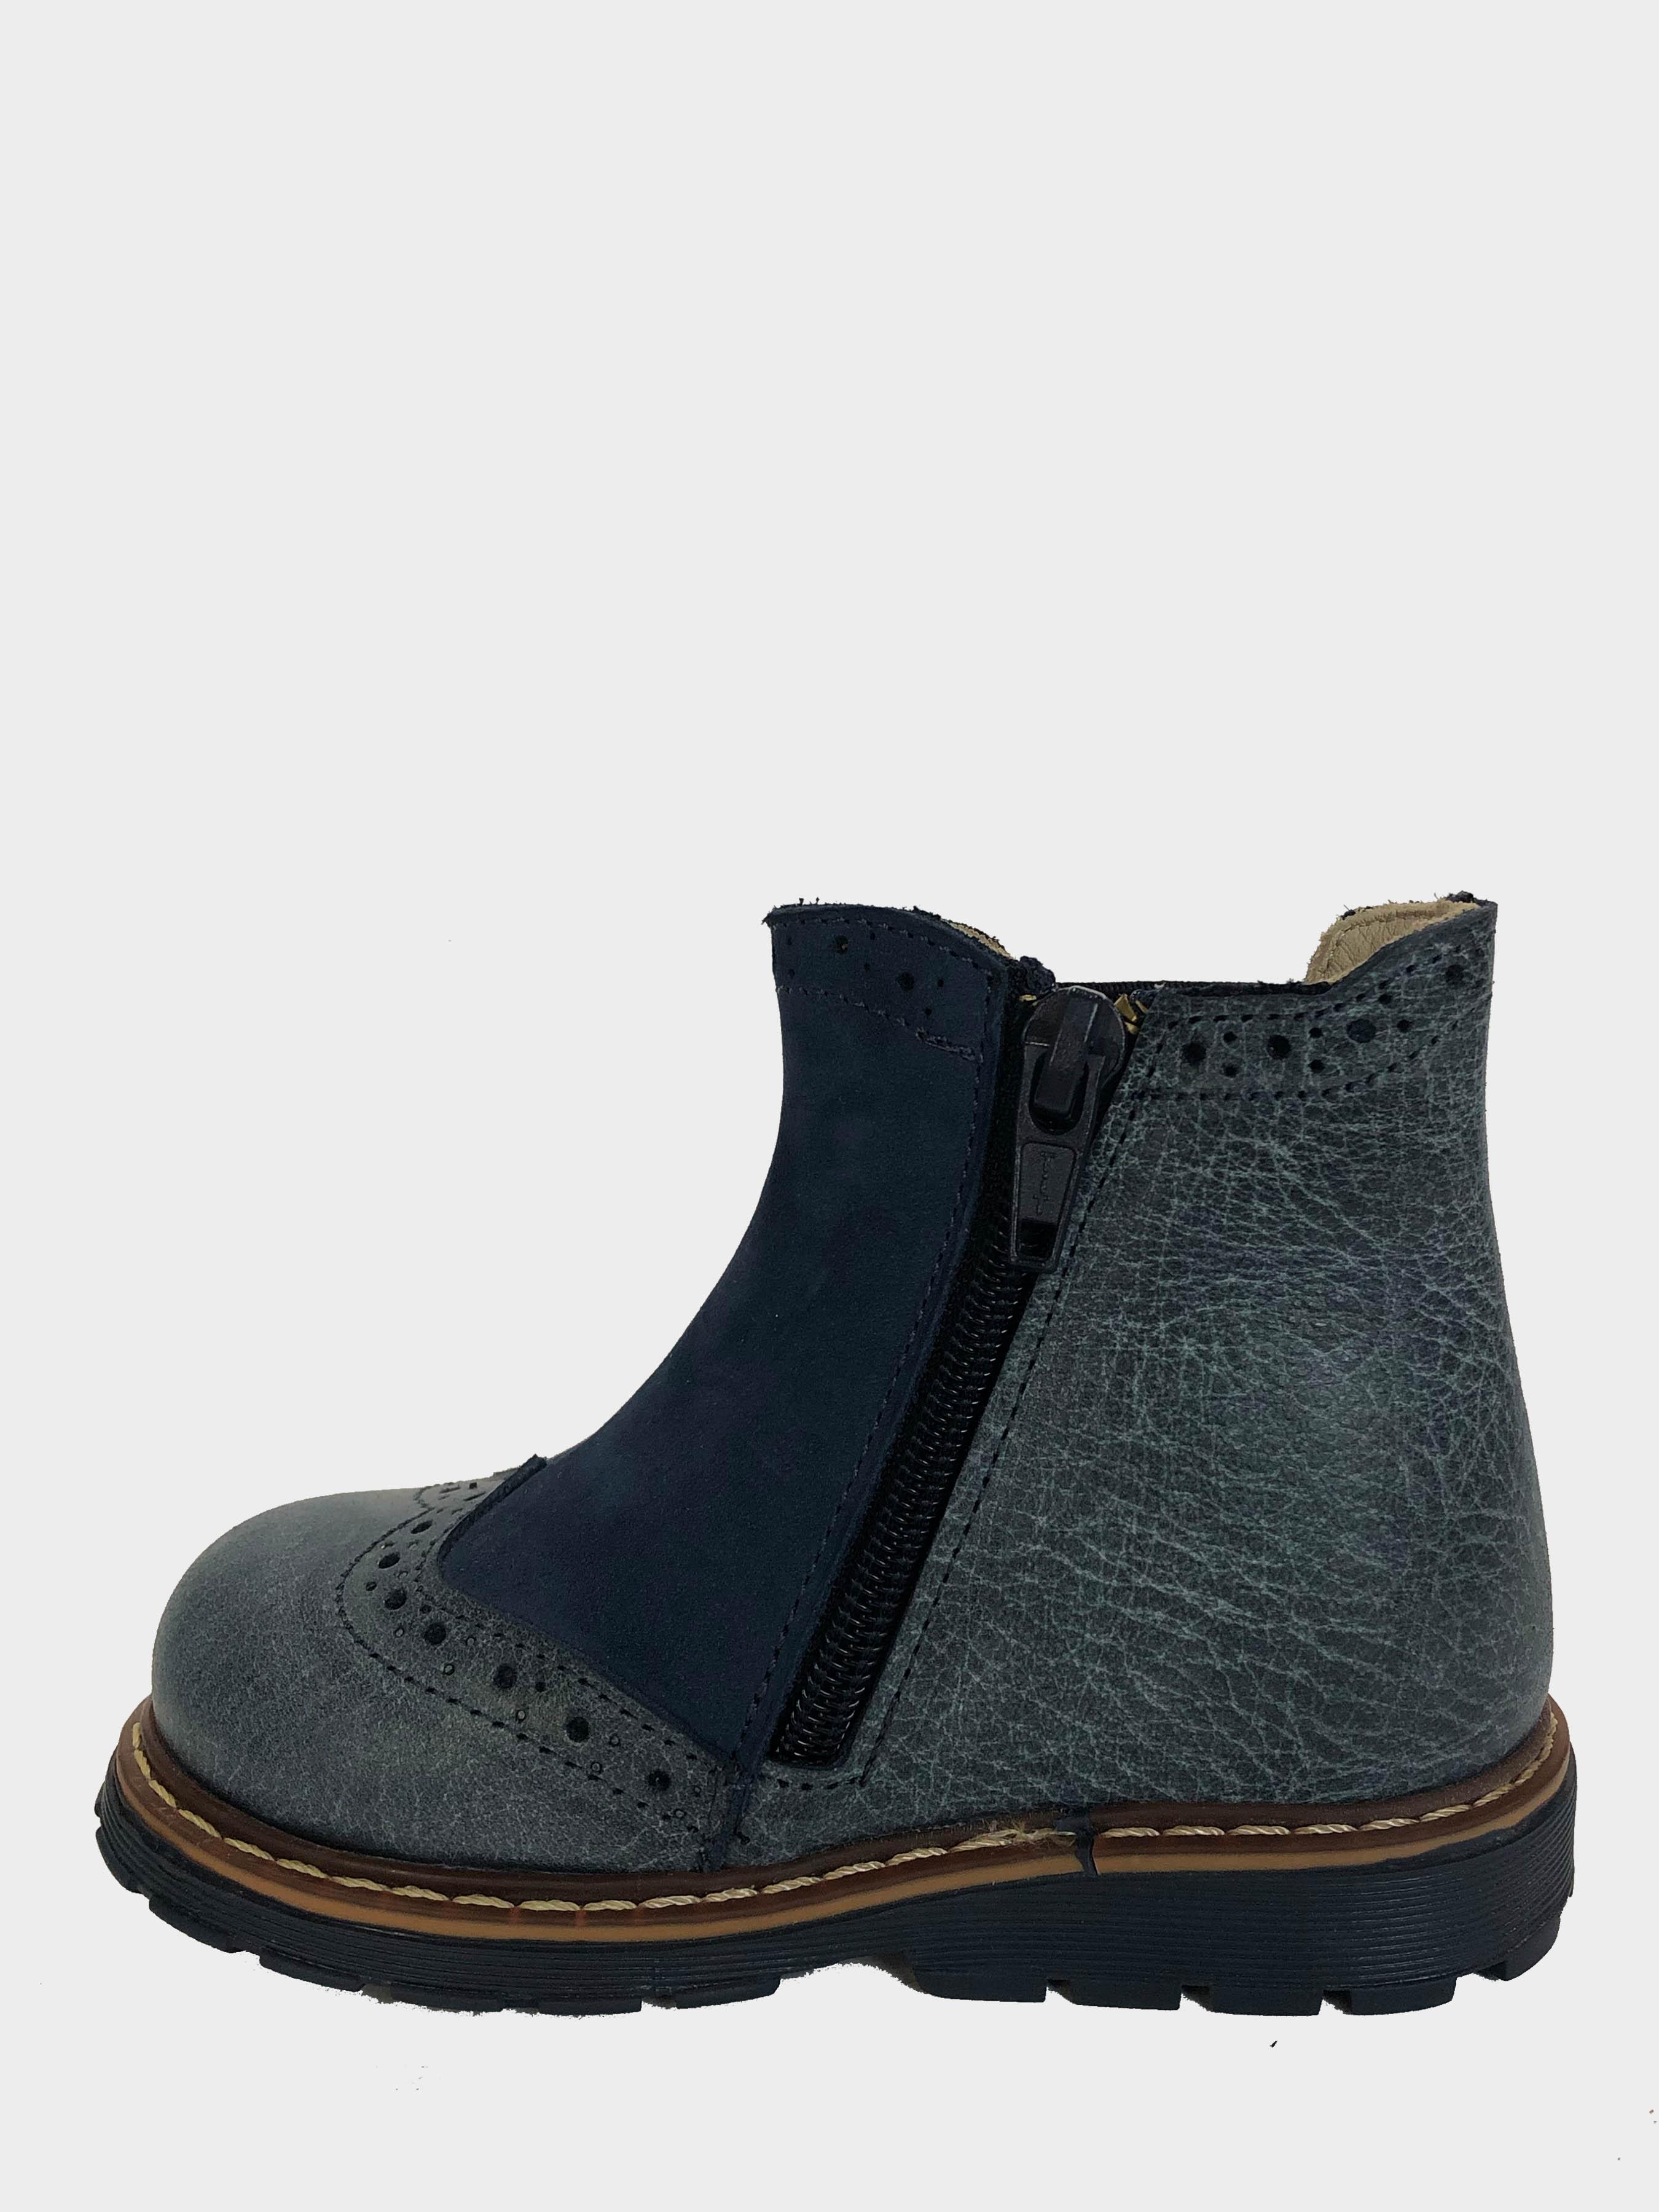 Ботинки детские Martens Baby Navy 141-3K брендовая обувь, 2017